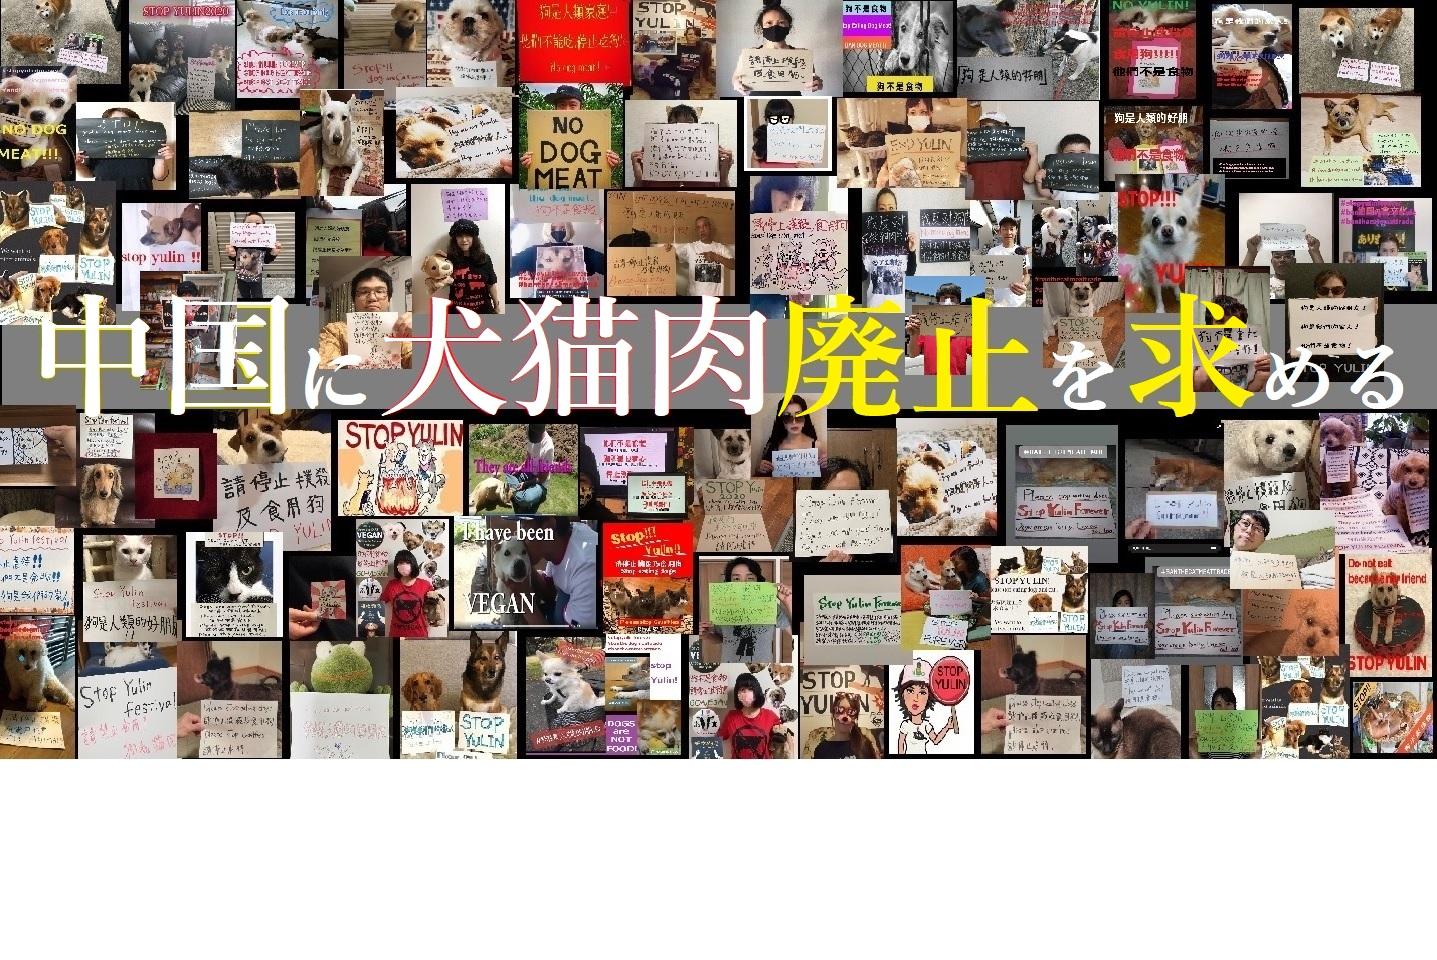 中国の習近平主席宛てハガキアクション 2020年犬猫肉を廃止せよ